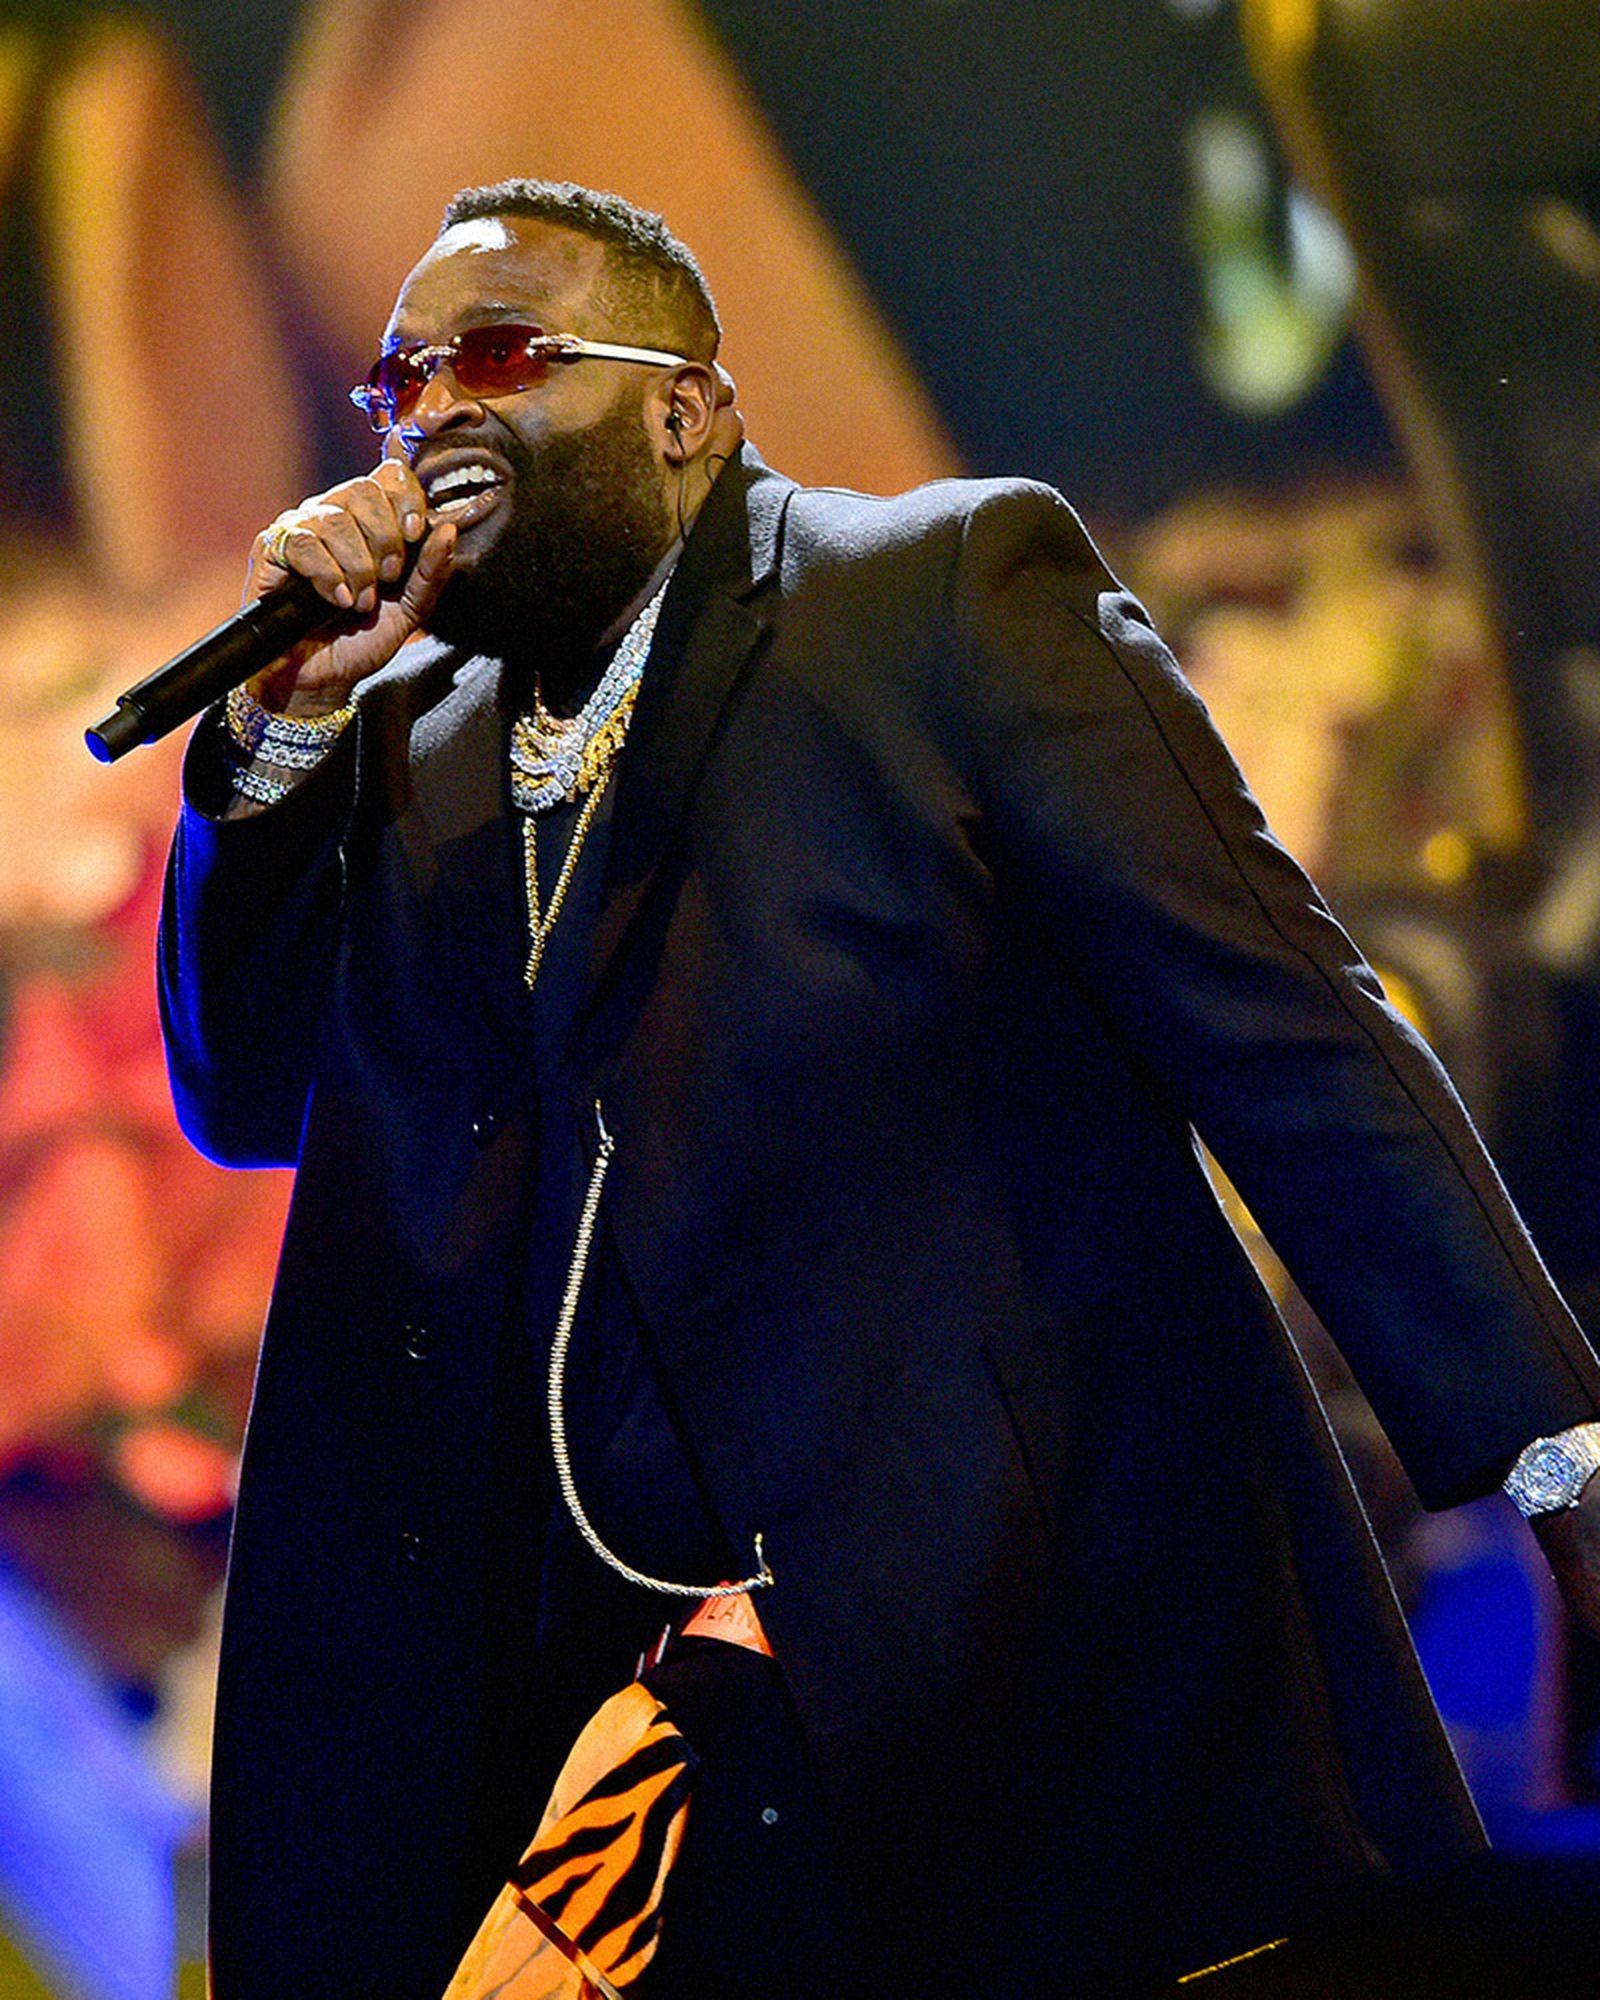 10-biggest-hip-hop-stars-got-rap-names-04